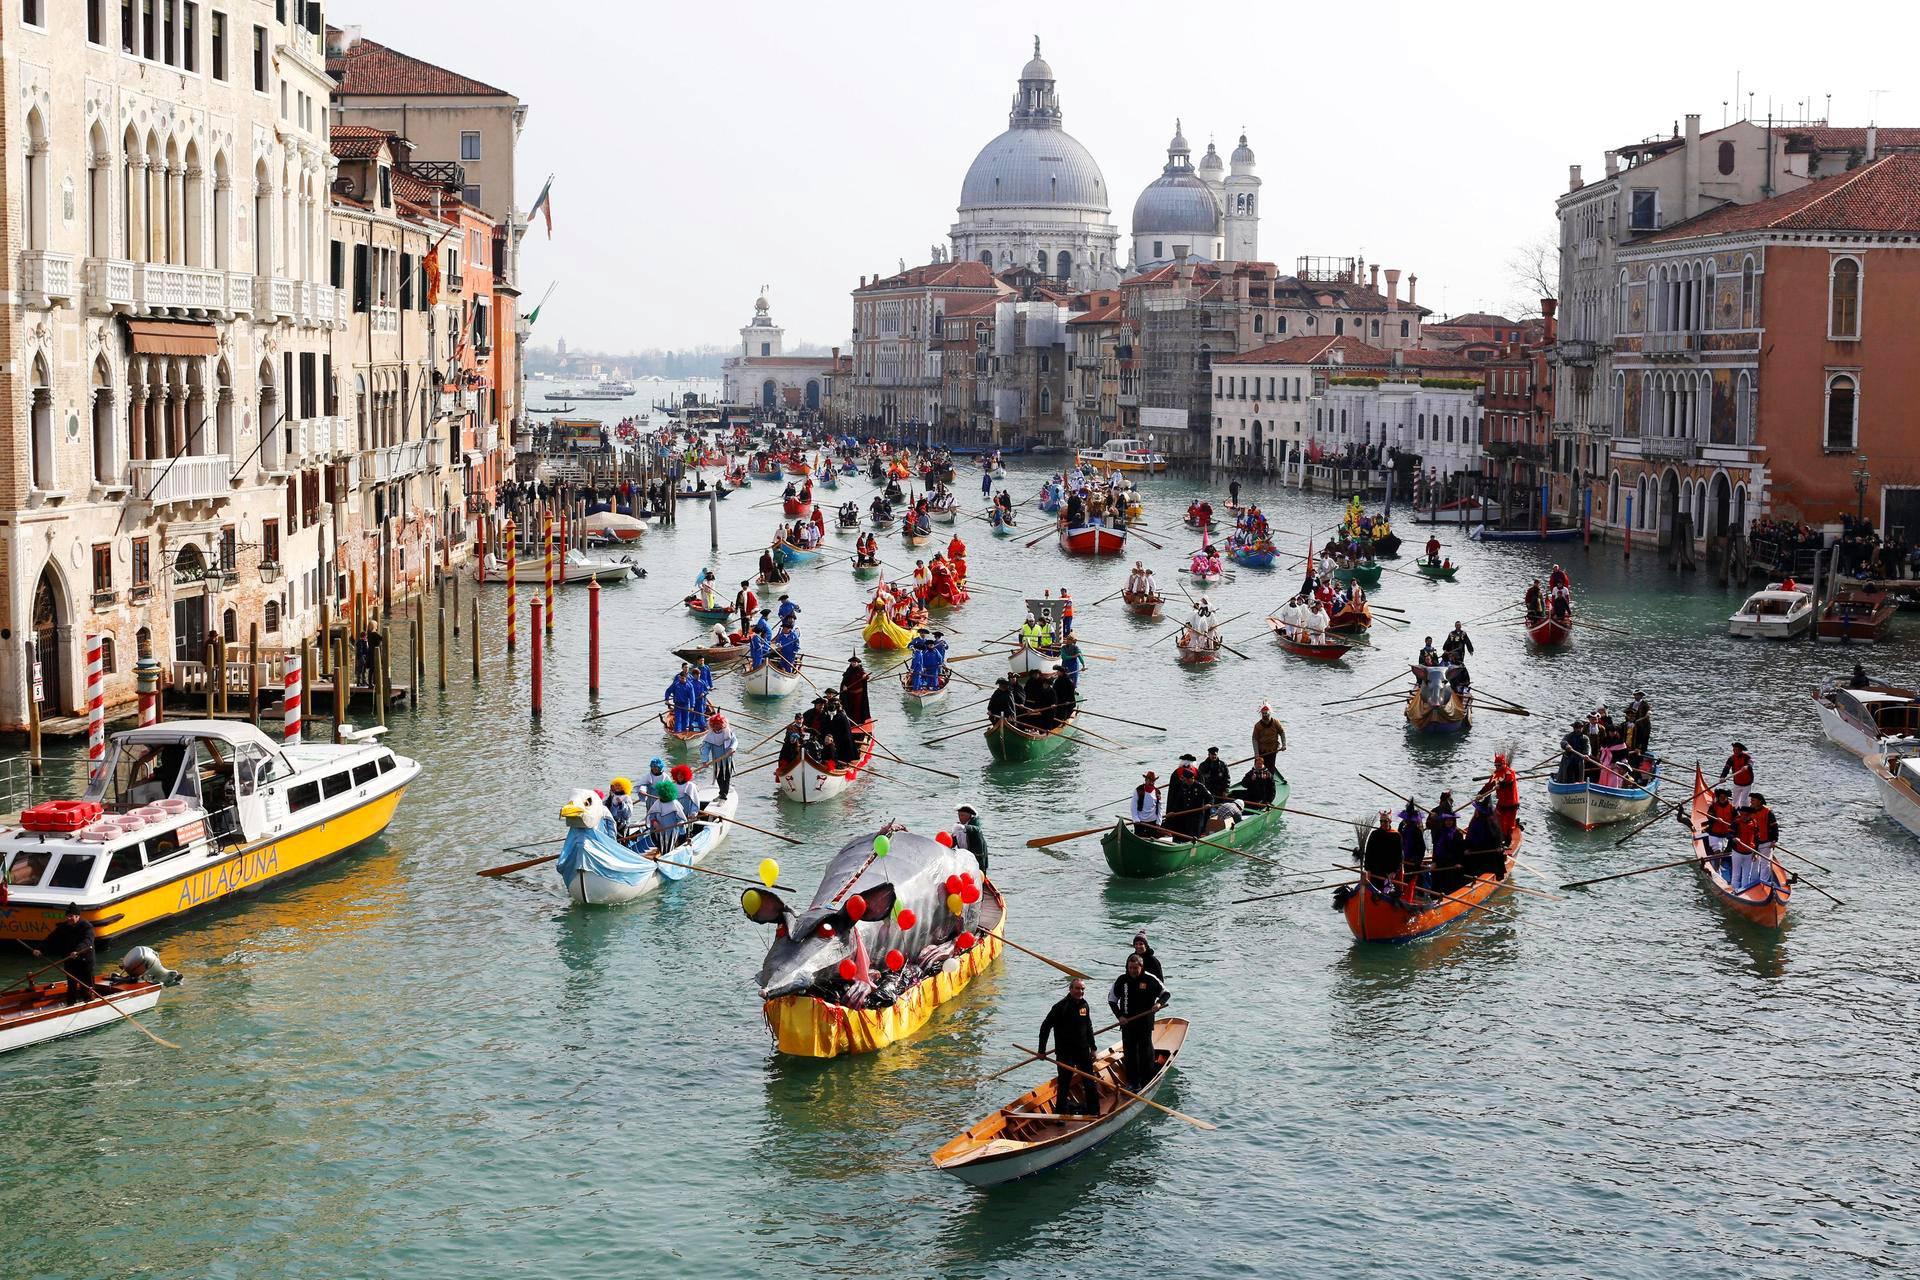 Venetsialaiset juhlivat karnevaalia Canal Grande -kanavalla.